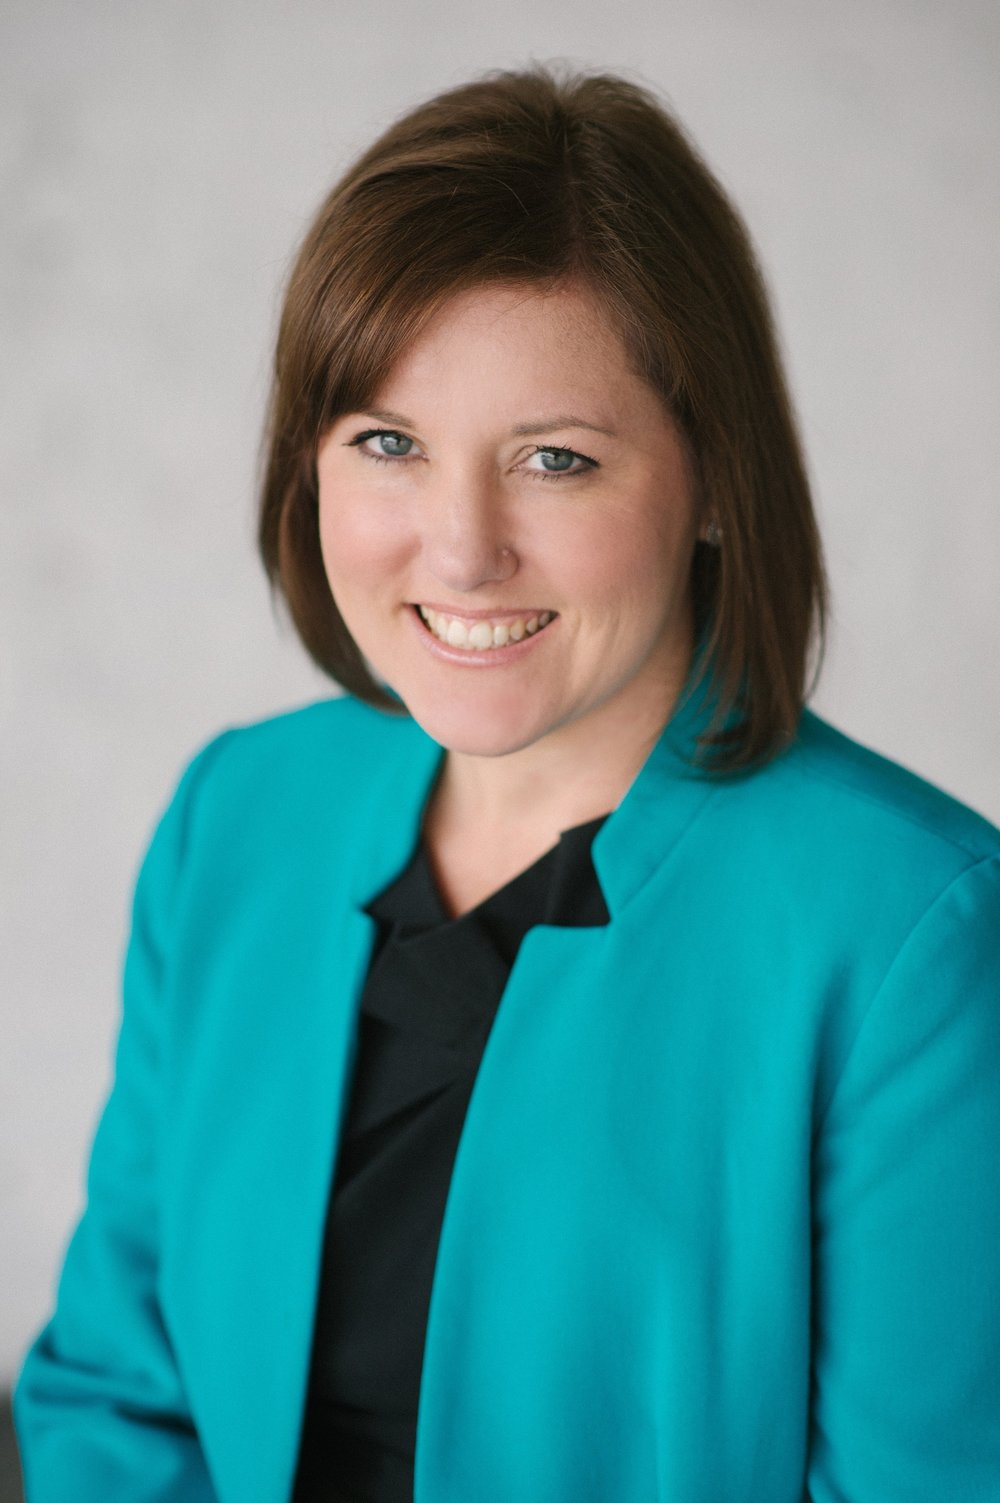 HeatherBryan-1.jpg